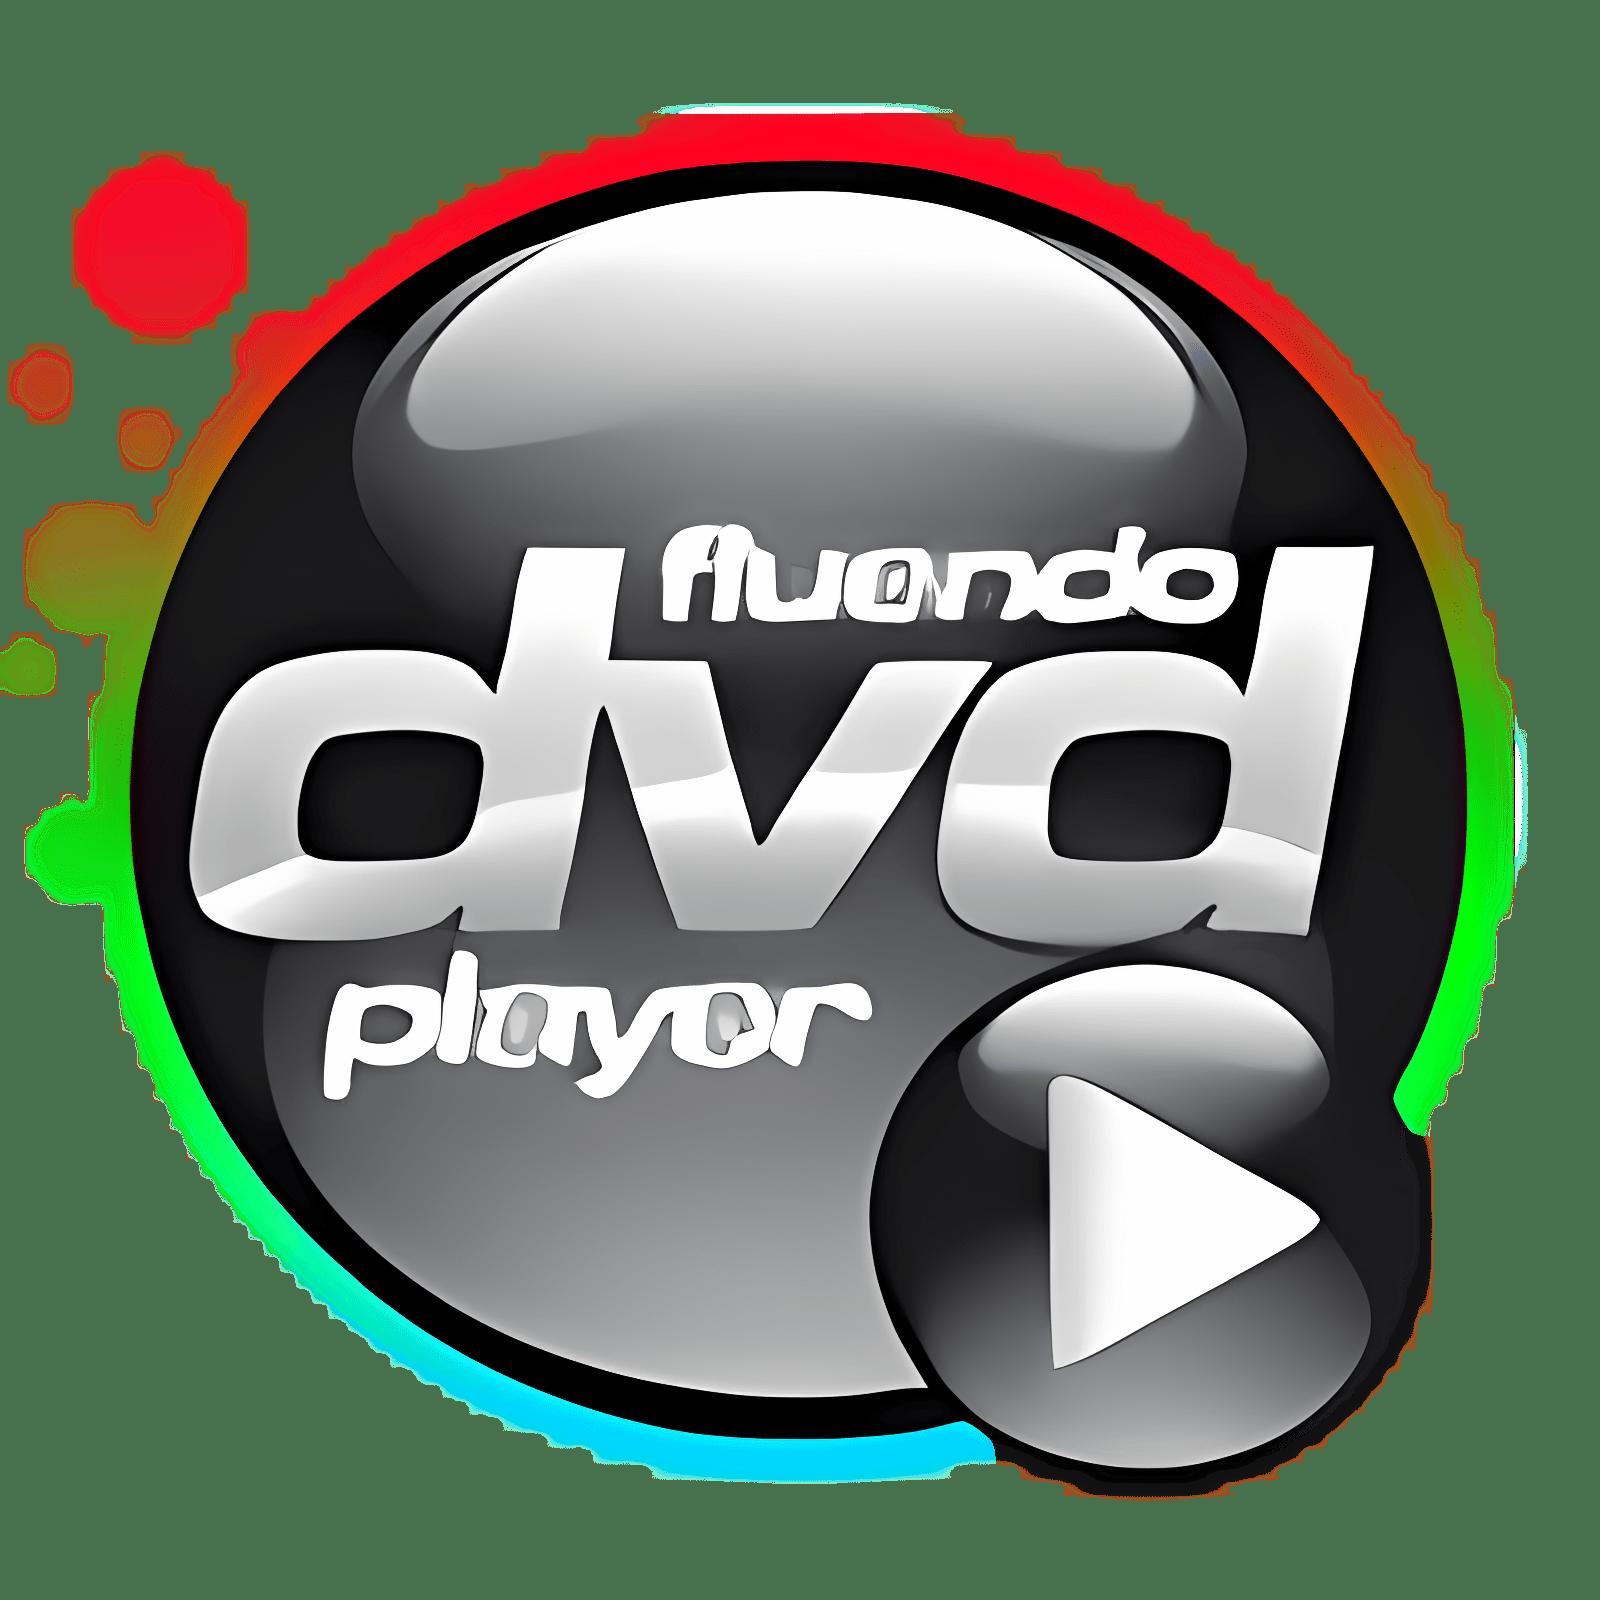 Fluendo DVD Player